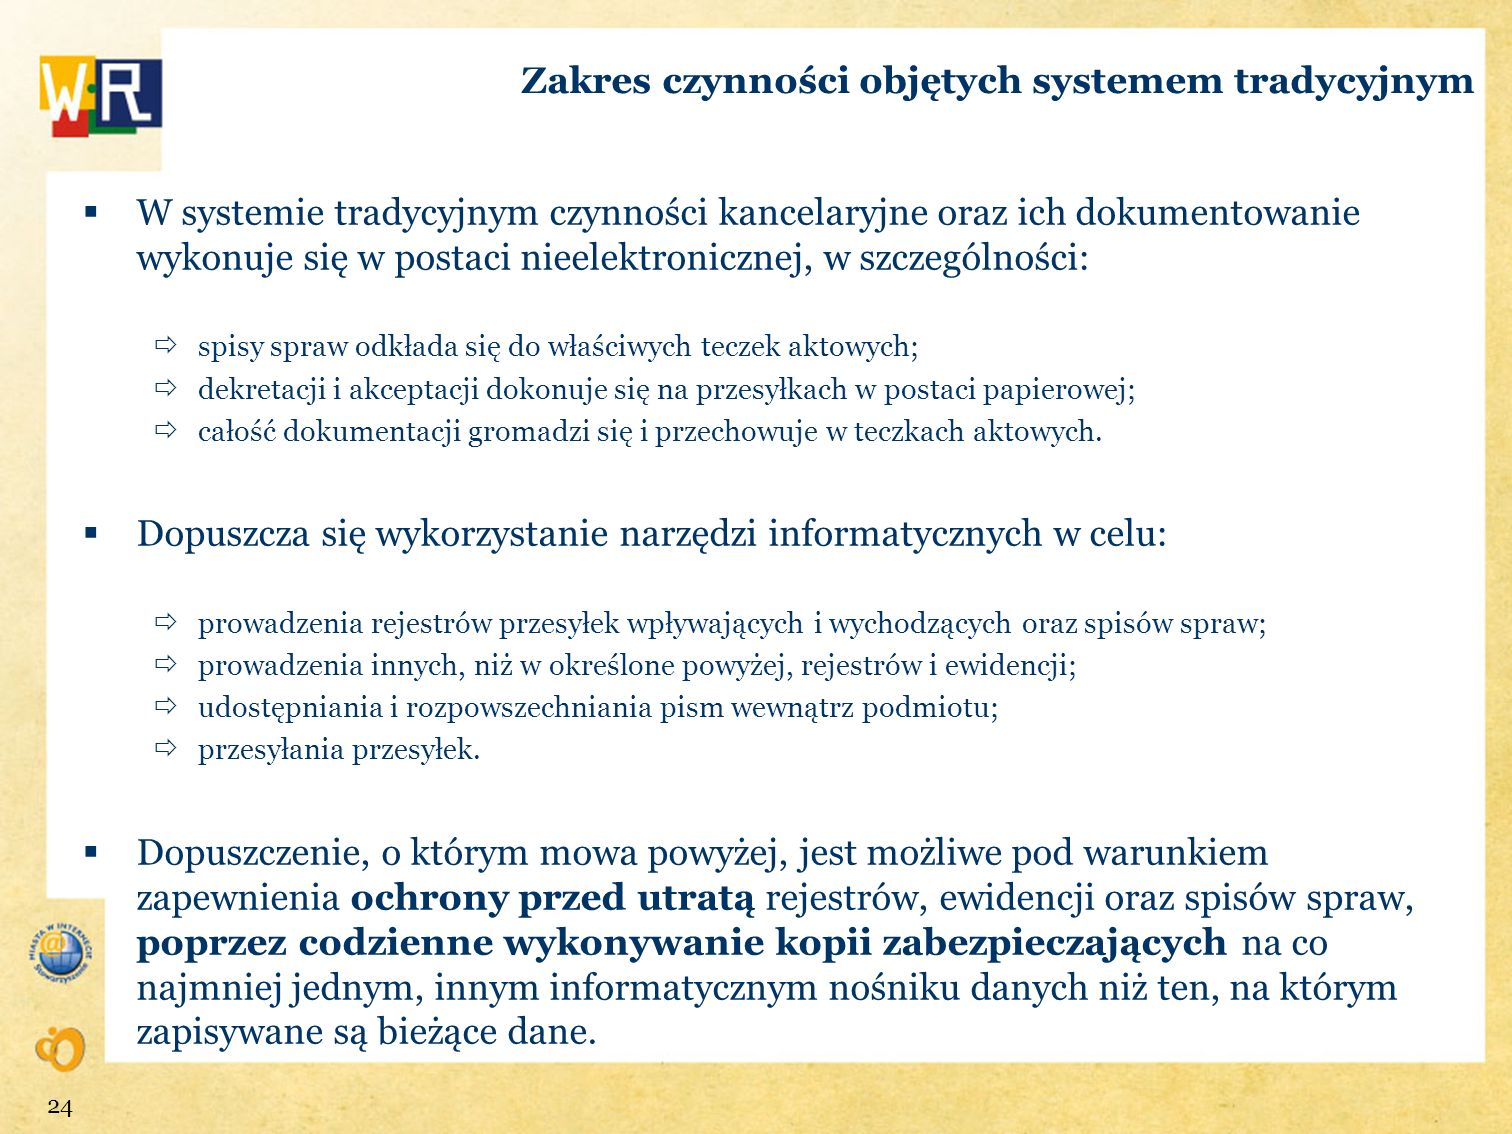 Zakres czynności objętych systemem tradycyjnym